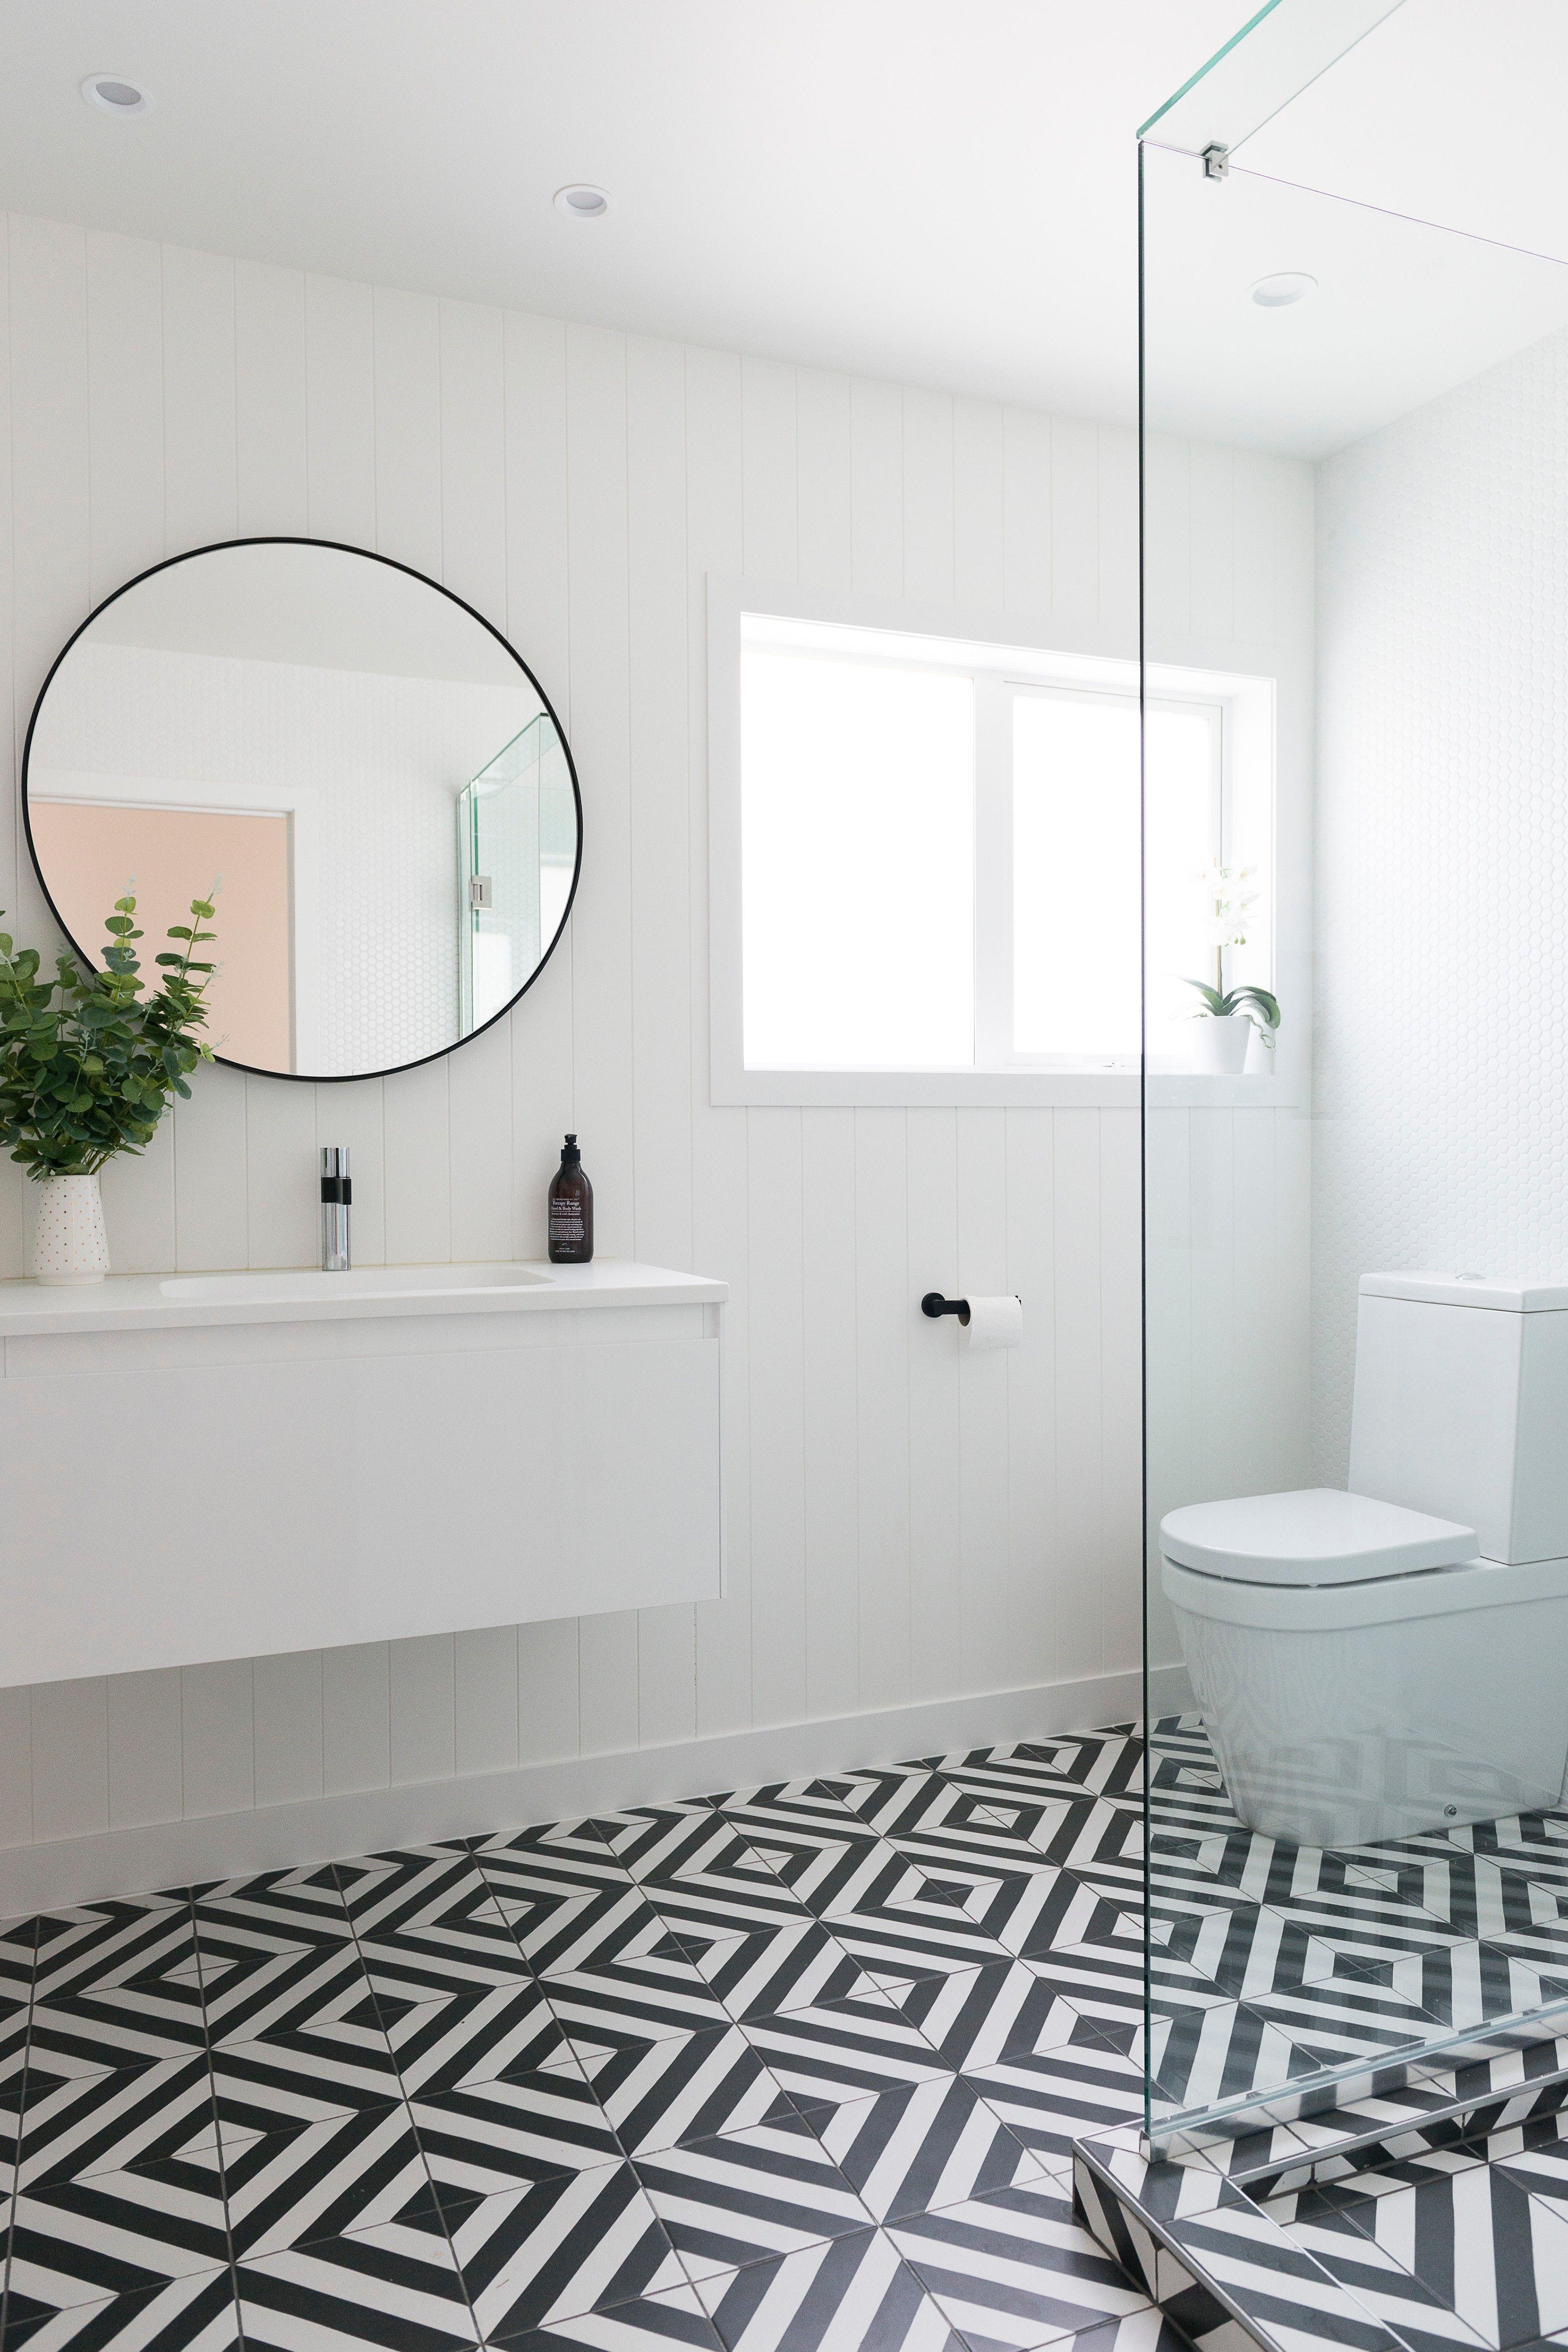 Goroka Grafito 20 Black And White Tiles Bathroom Black And White Bathroom Floor Black Bathroom